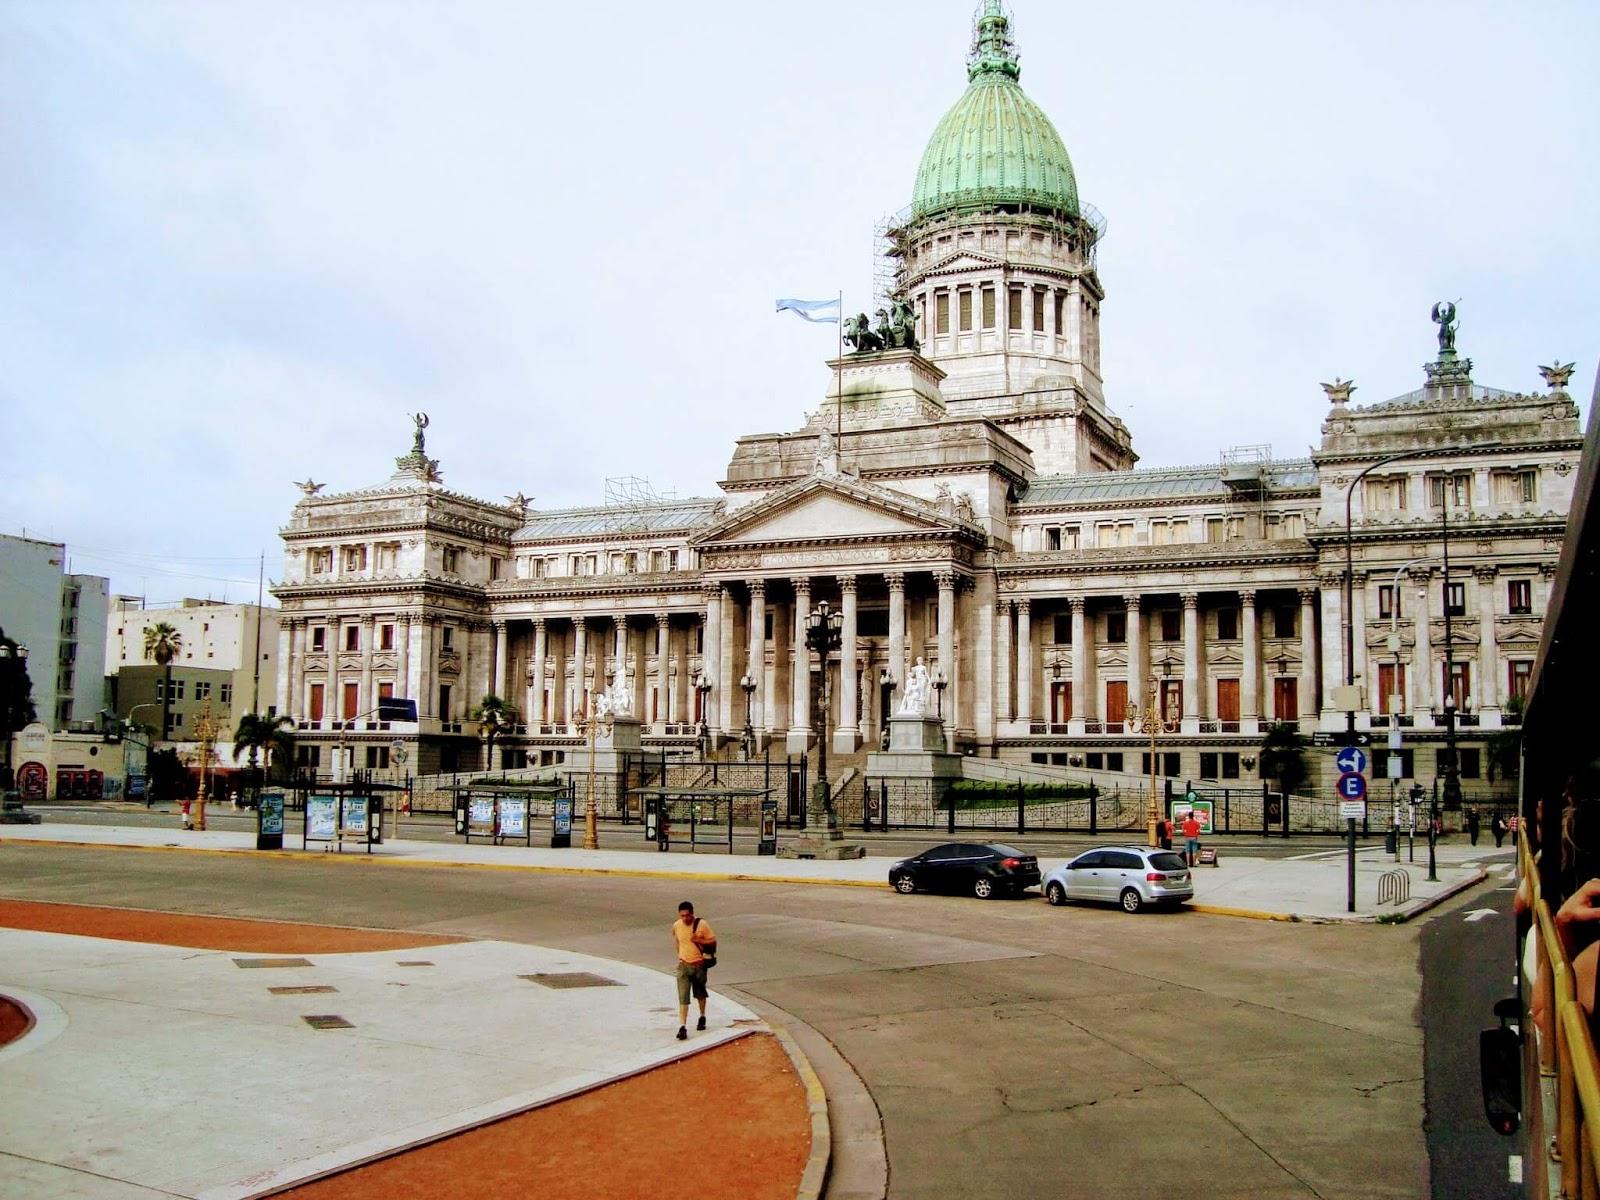 Palácio do Congresso da Nação Argentina - O que fazer em Buenos Aires